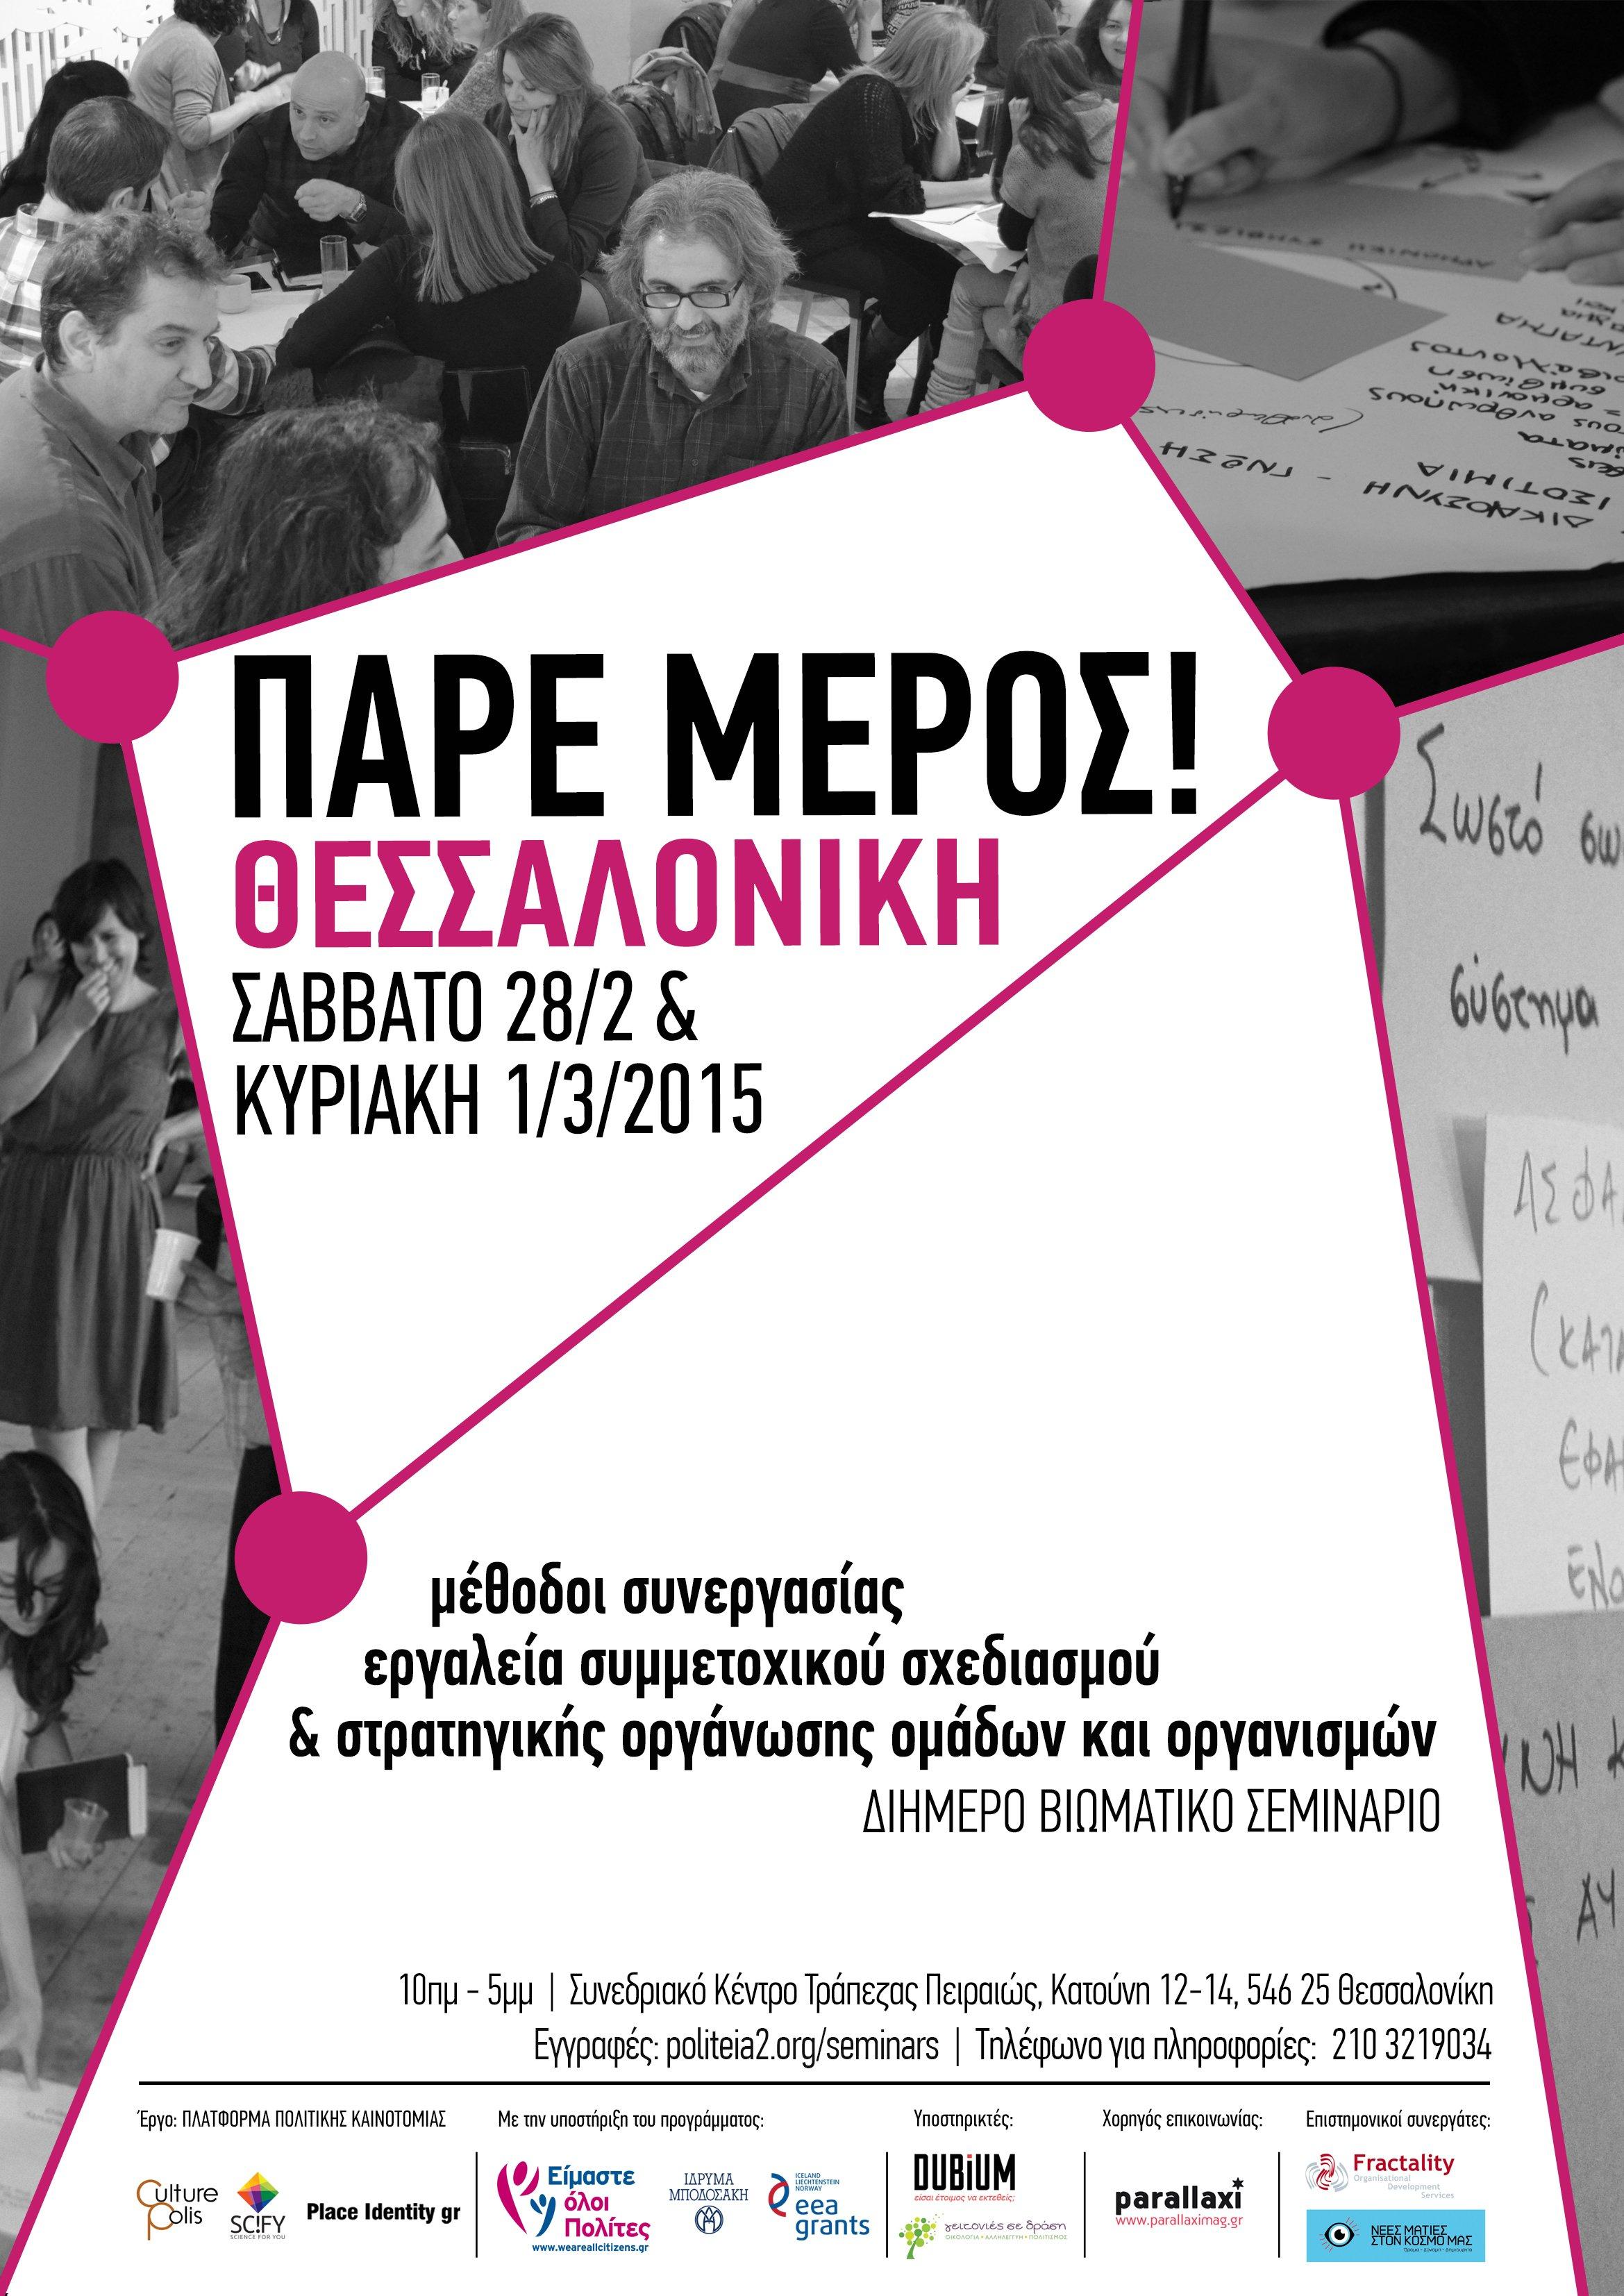 Πάρε μέρος! Θεσσαλονίκη – Βιωματική Εκπαίδευση